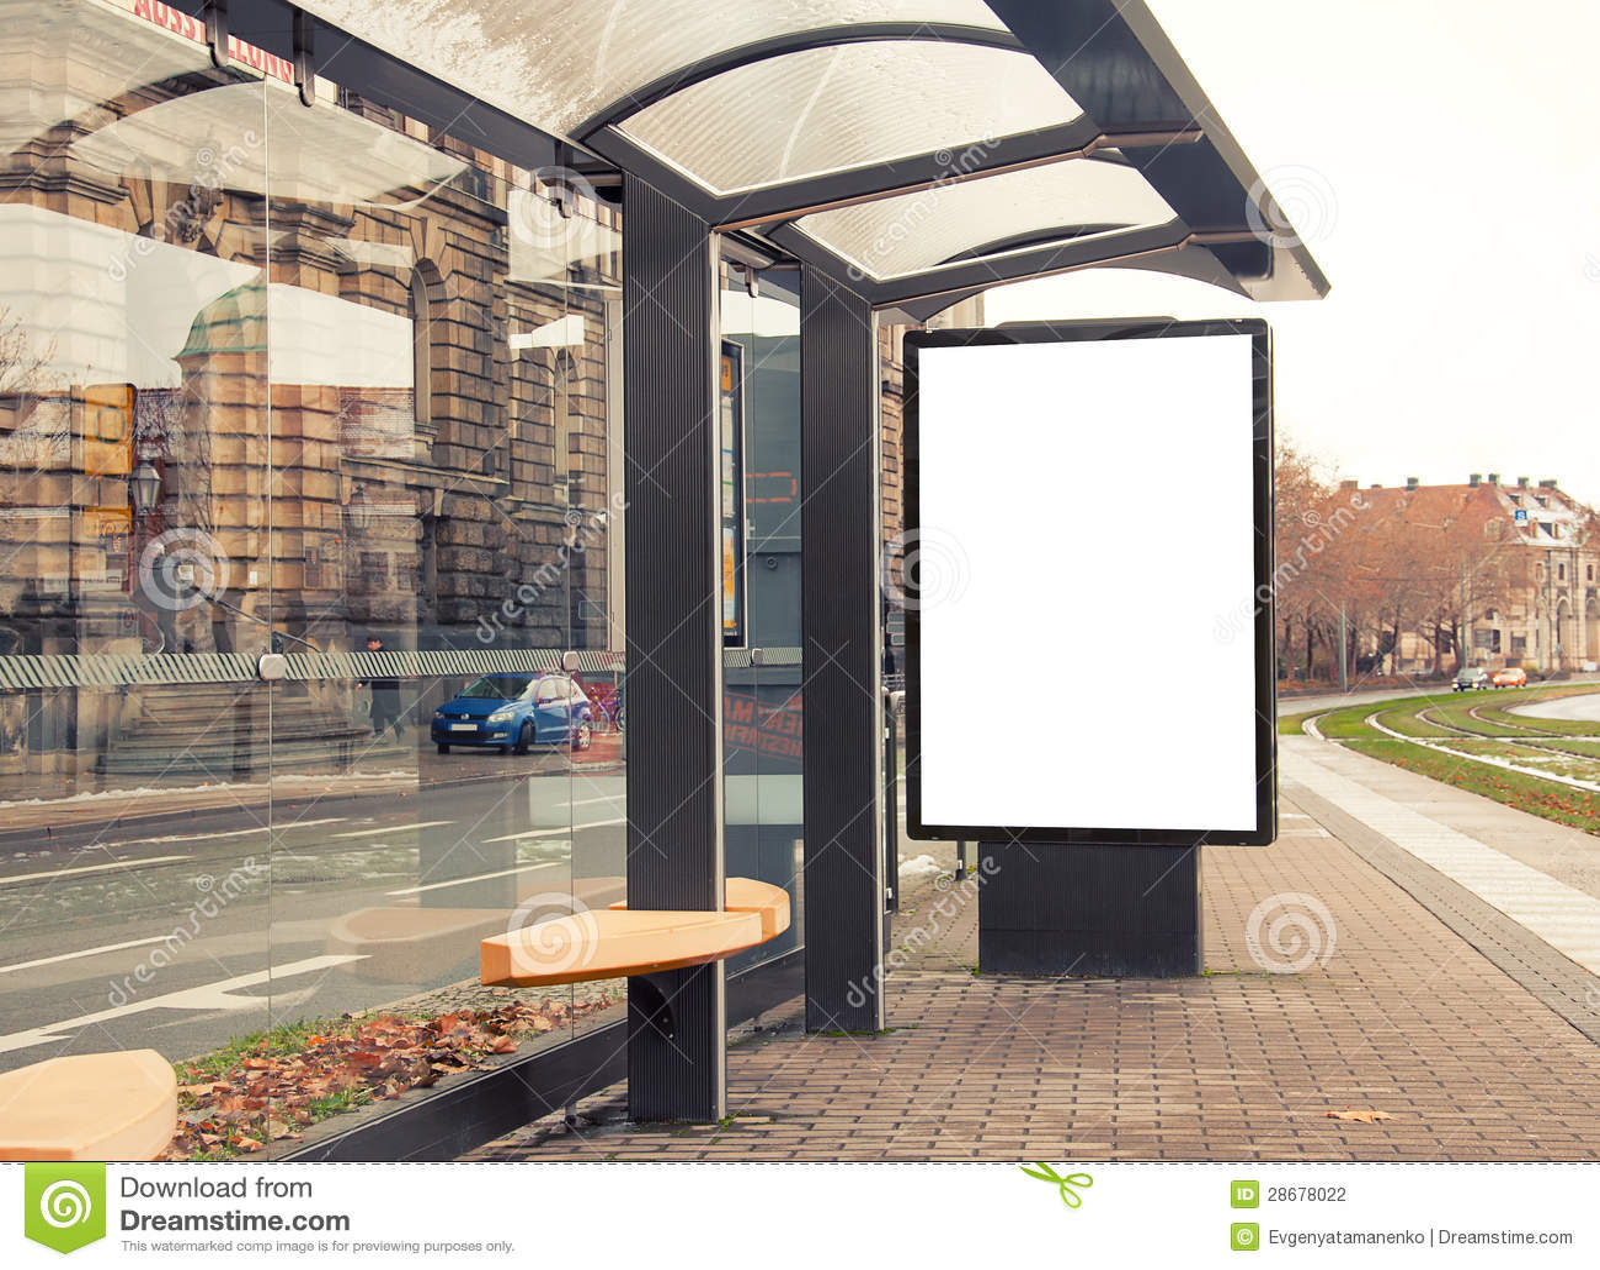 panneau r clame drapeau vide blanc l 39 arr t de bus photographie stock image 28678022. Black Bedroom Furniture Sets. Home Design Ideas